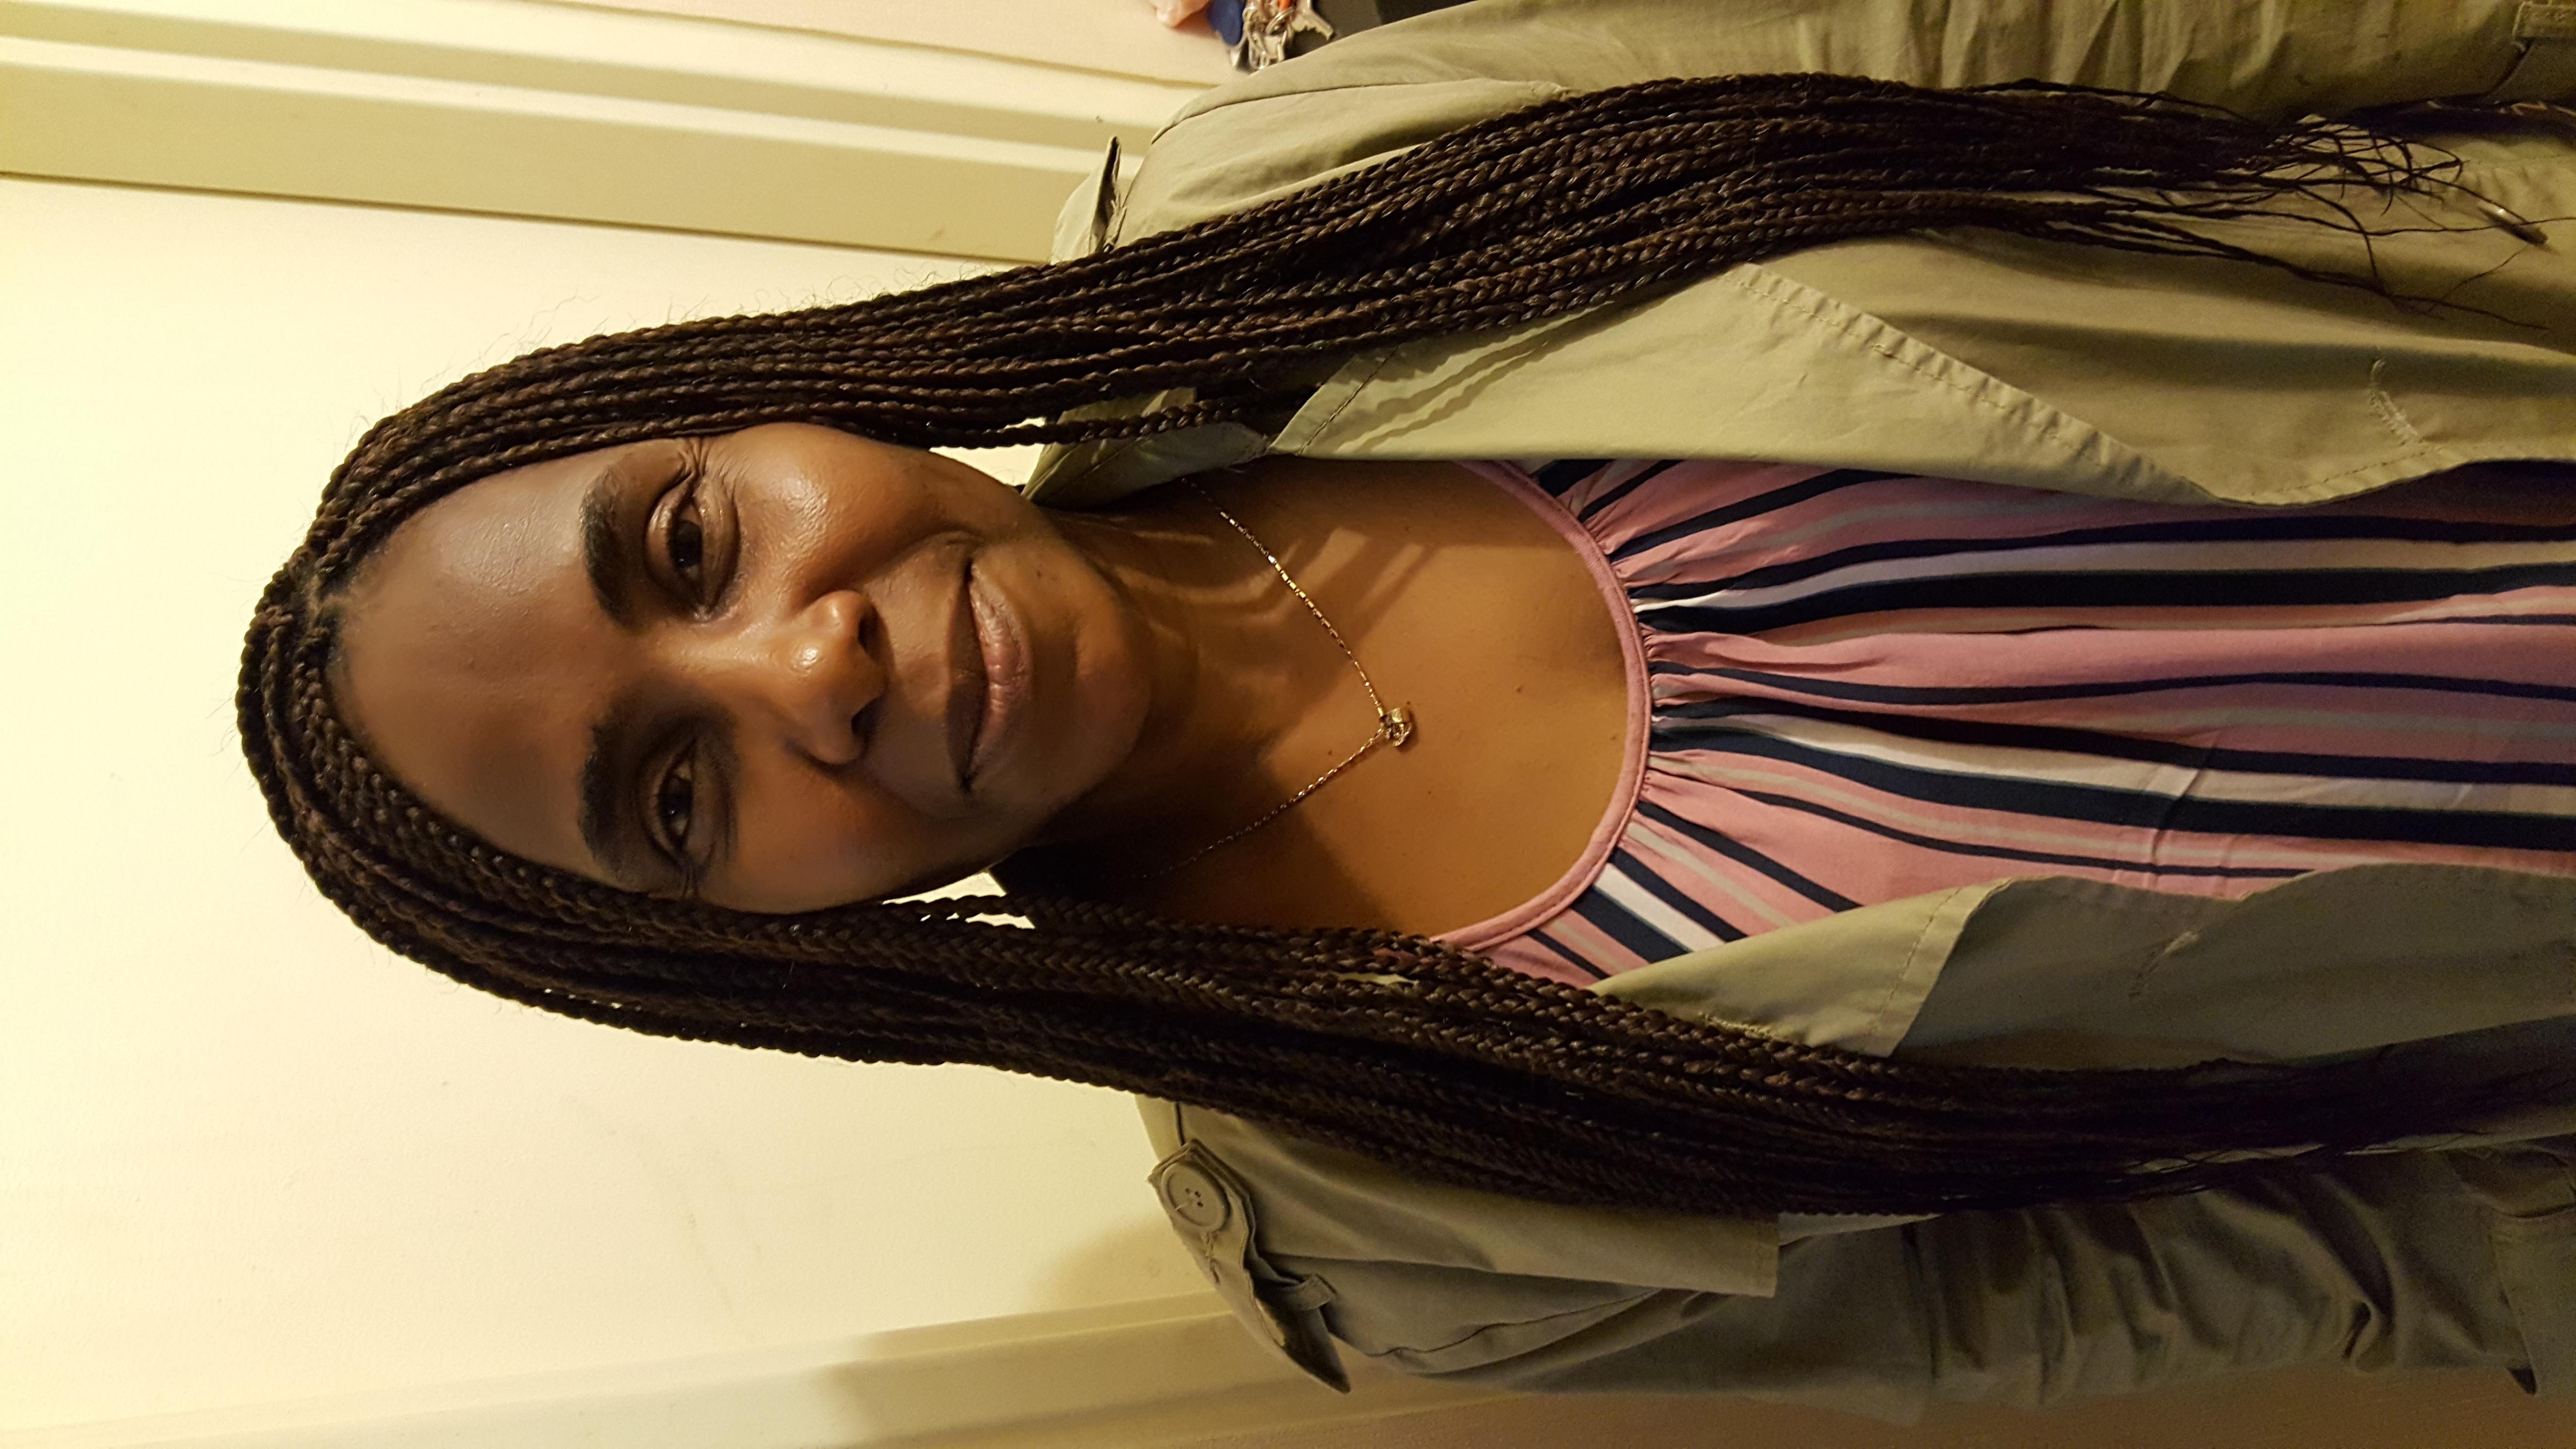 salon de coiffure afro tresse tresses box braids crochet braids vanilles tissages paris 75 77 78 91 92 93 94 95 XFIAVATH